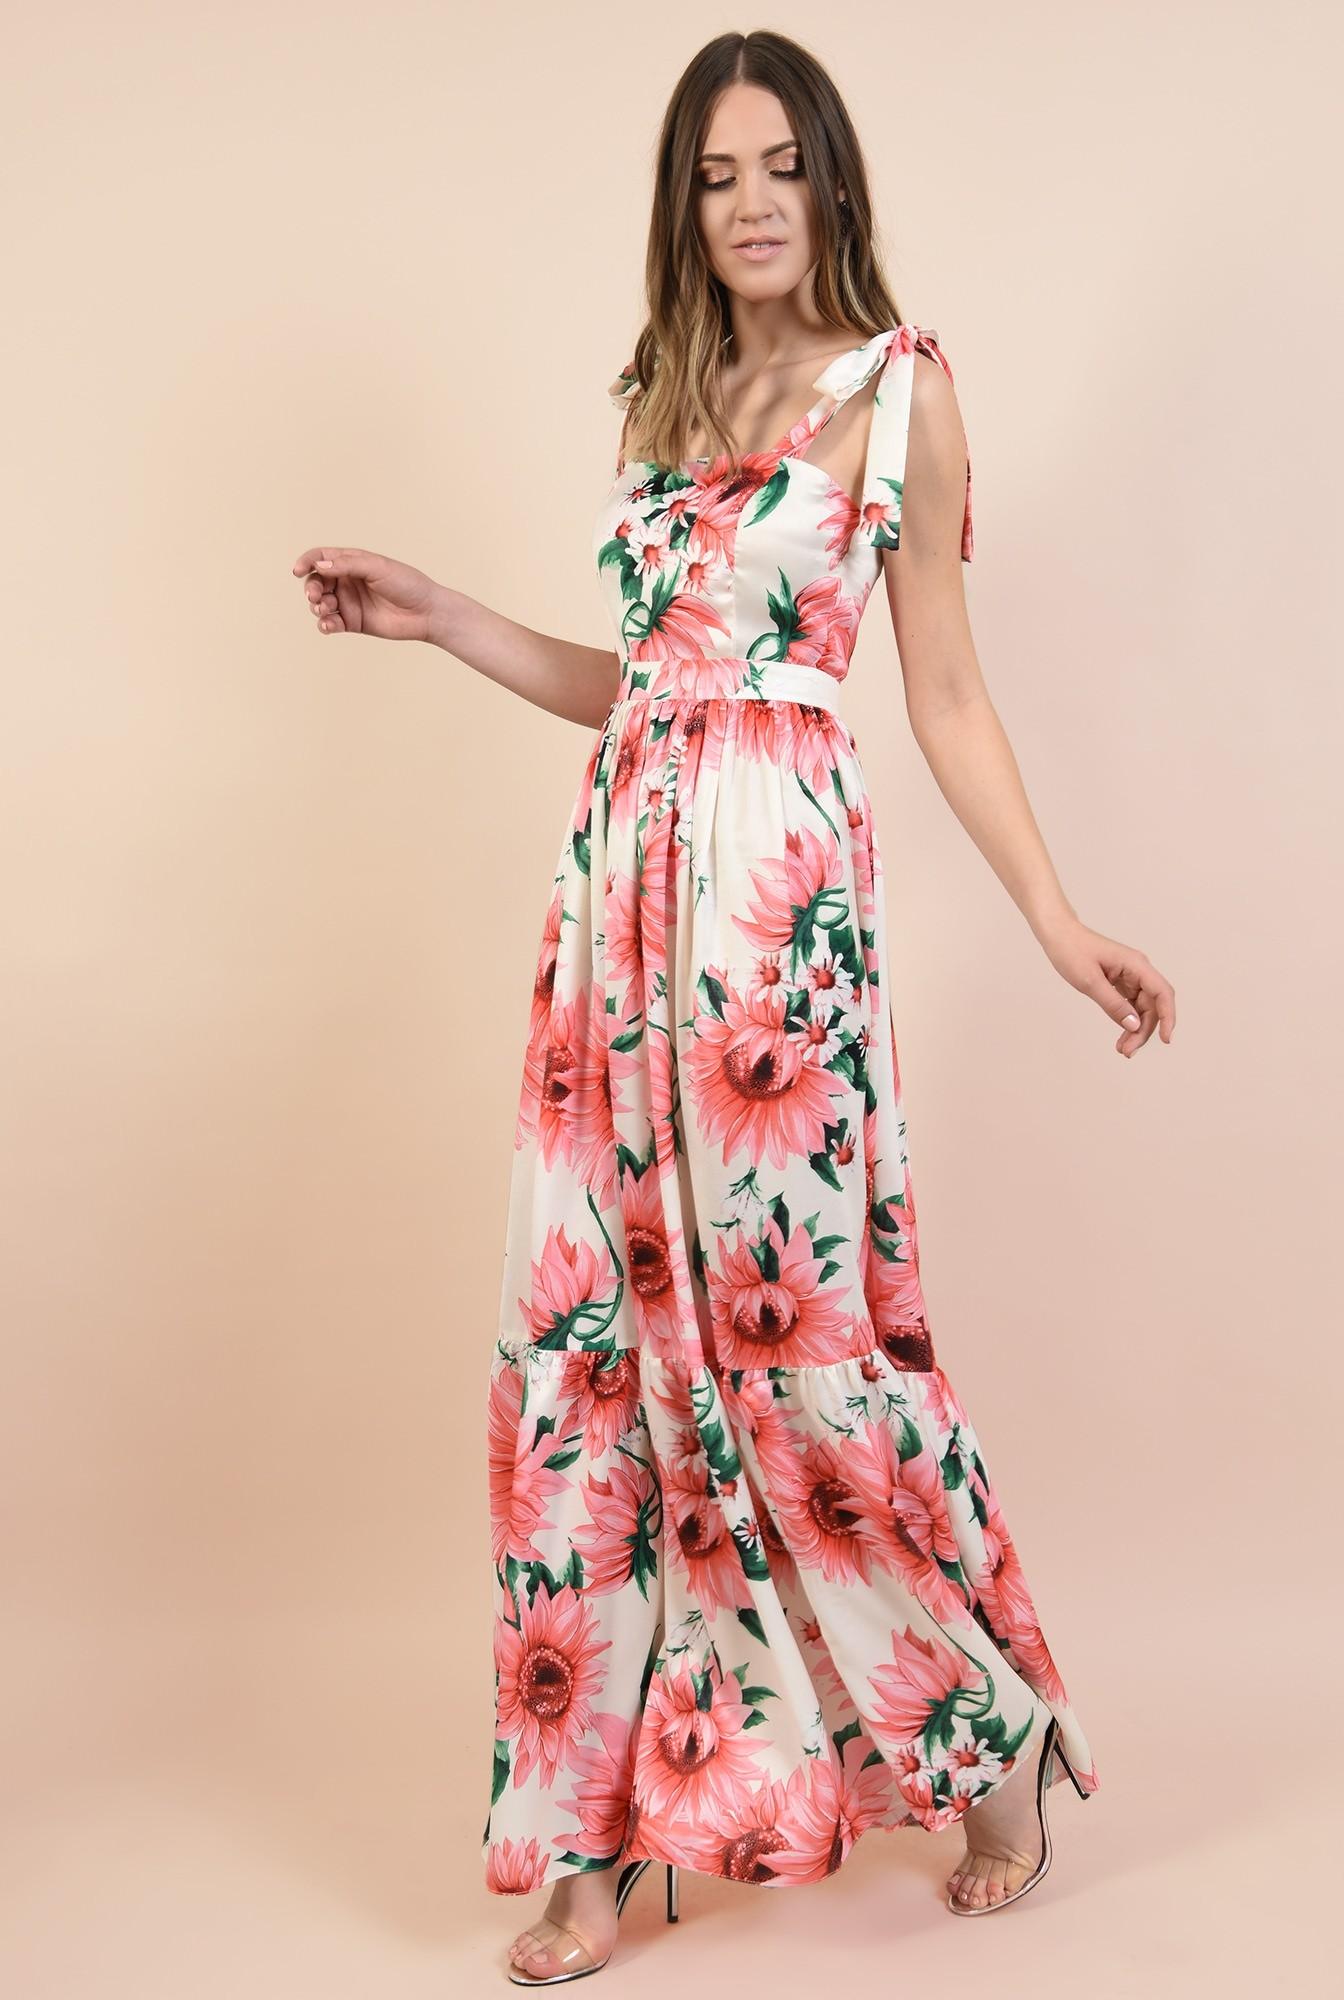 360 - rochie eleganta, lunga, din satin, cu flori, bretele cu funda